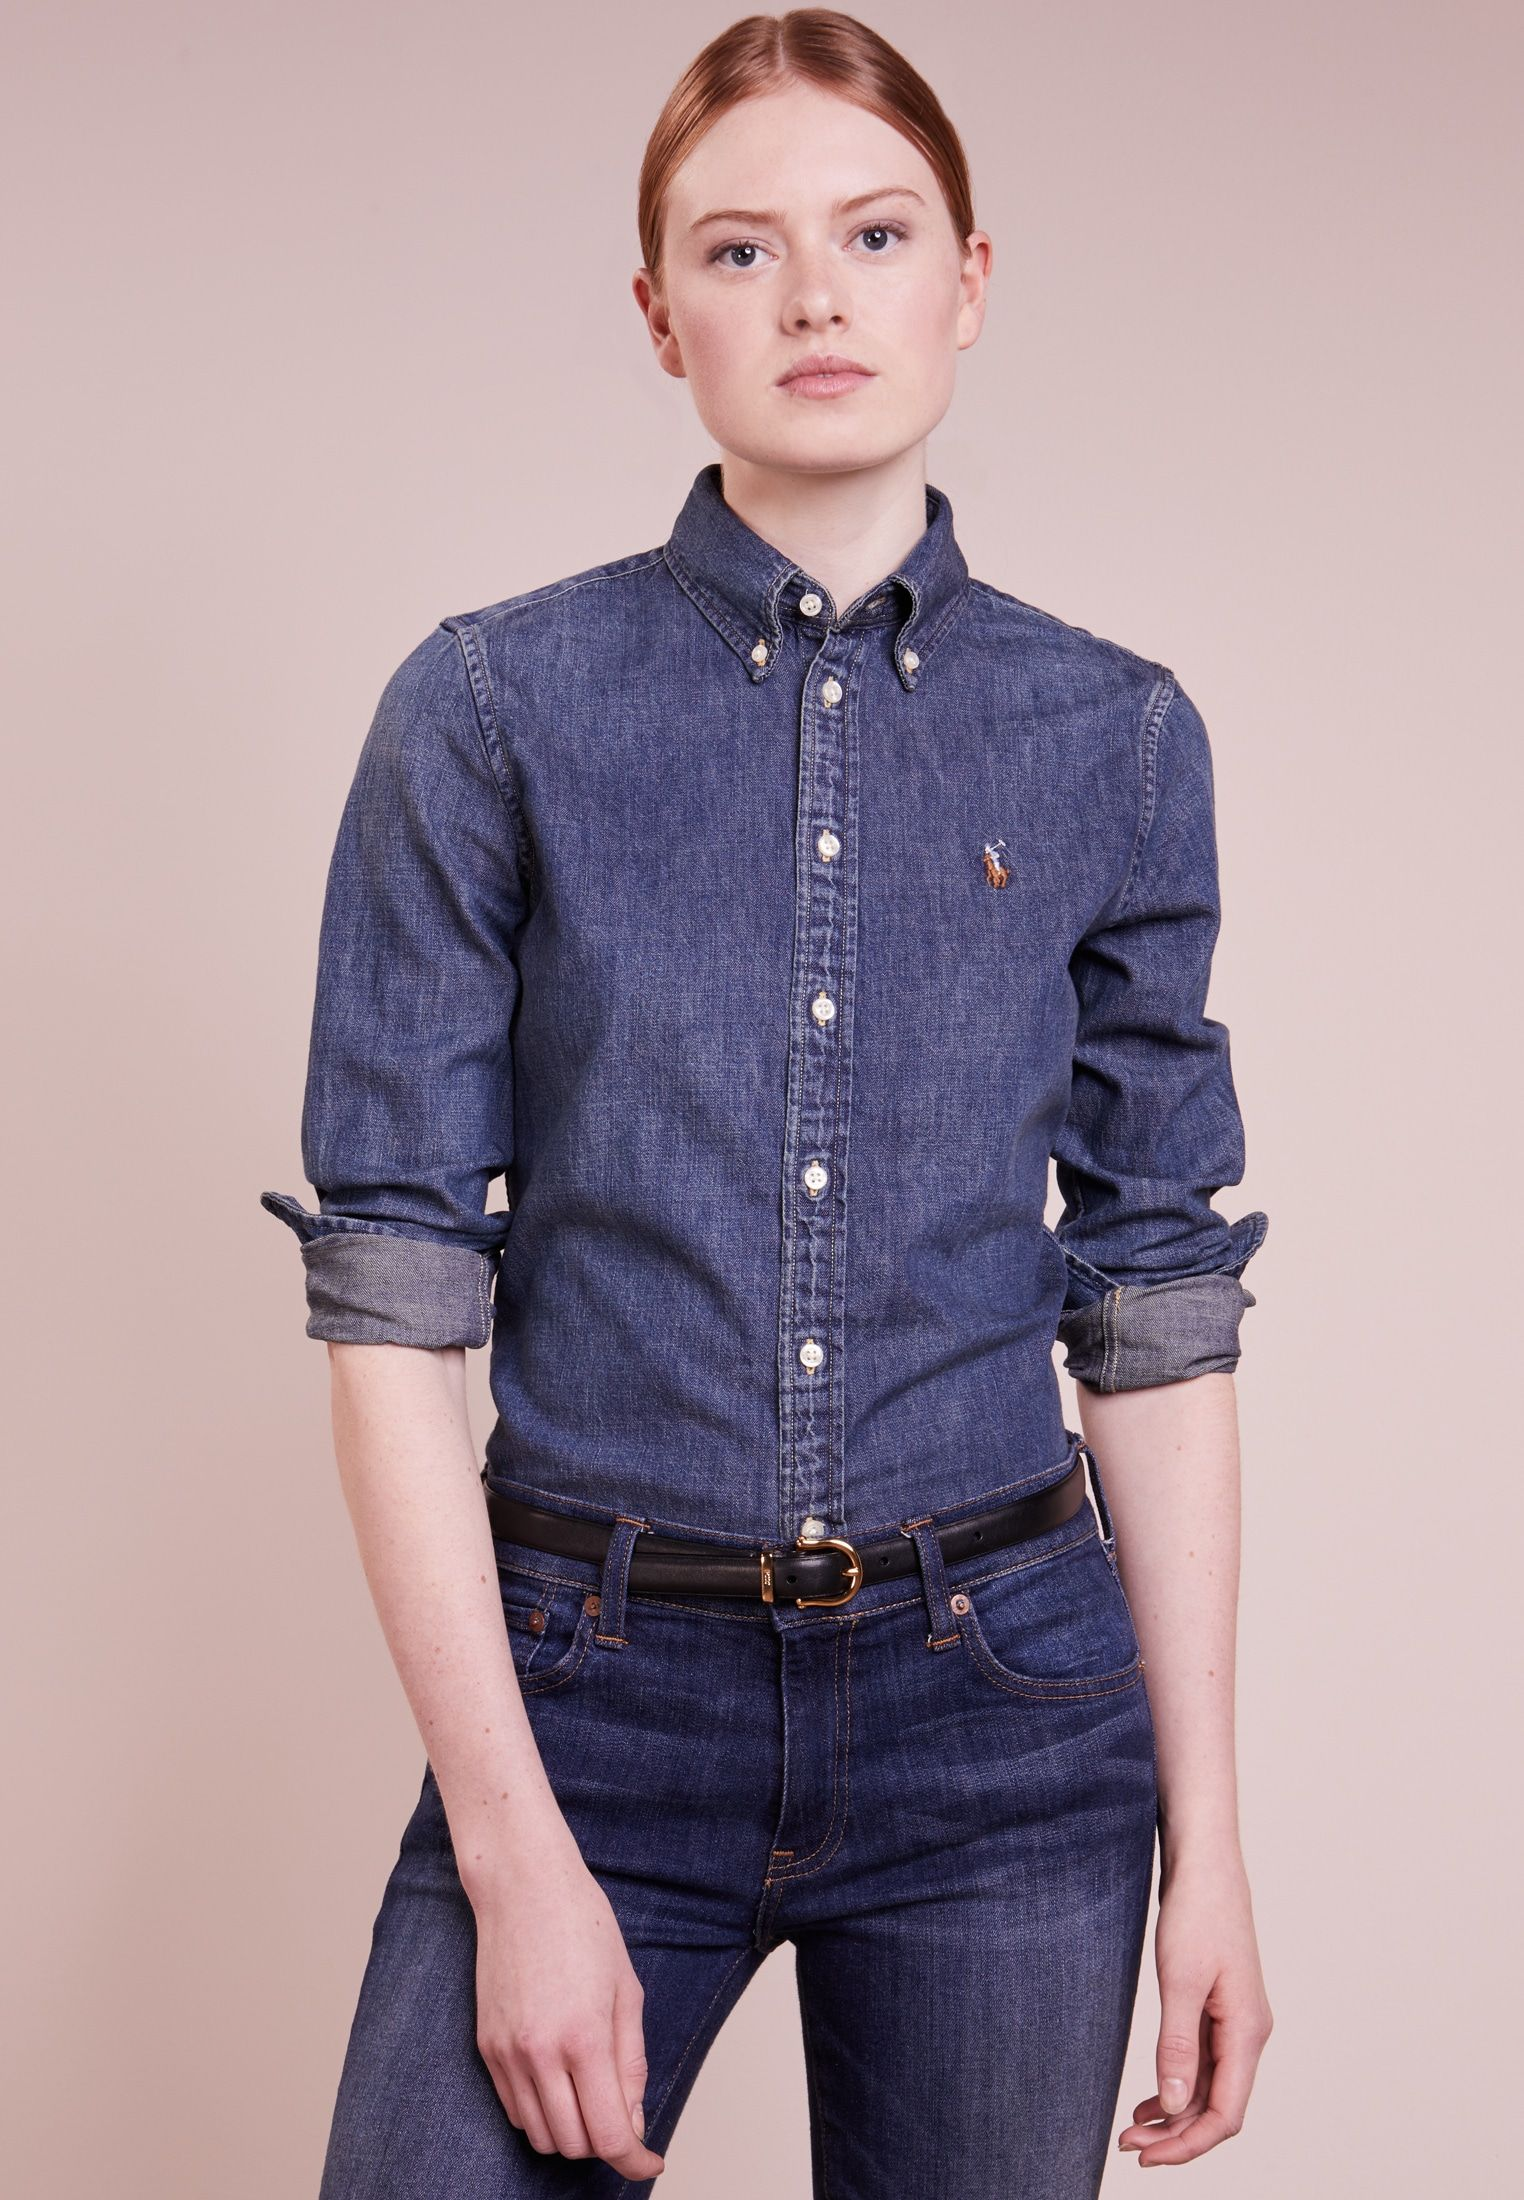 3fd2cd704e0 Ralph Lauren Denim Shirts Uk - DREAMWORKS